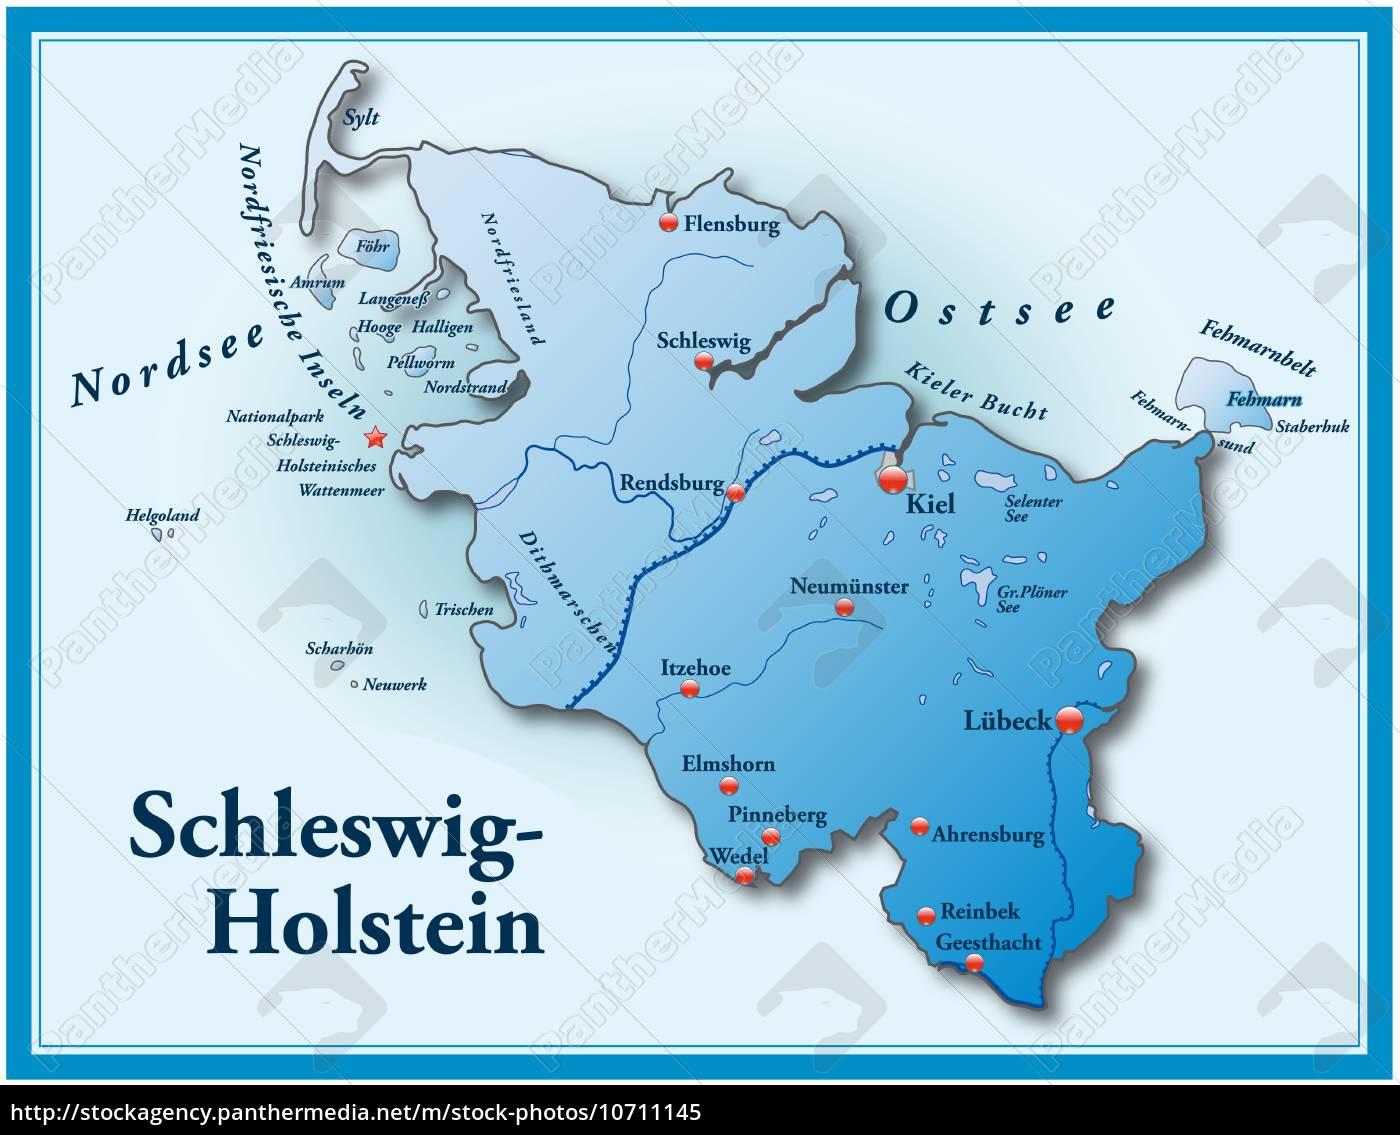 Schleswig Holstein Karte.Lizenzfreies Bild 10711145 Karte Von Schleswig Holstein Als übersichtskarte In Blau